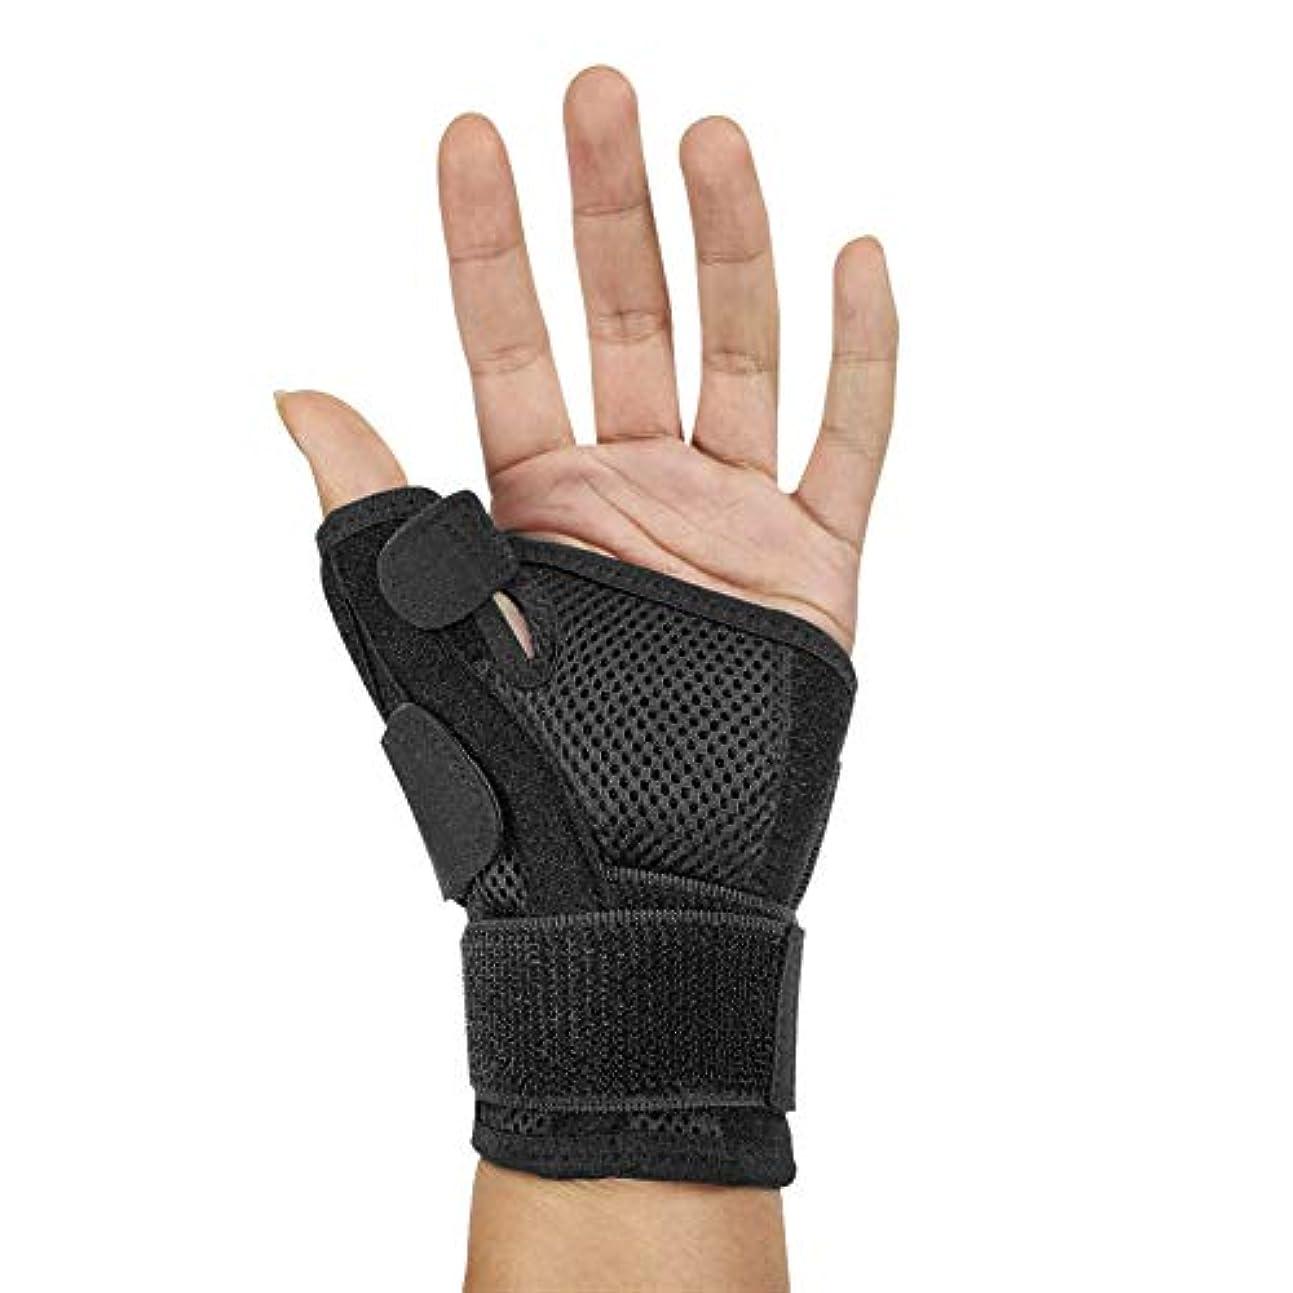 横超高層ビル慈善指サポーター ばね指サポーター バネ指 腱鞘炎 指保護 固定 調整自在 左右兼用 フリーサイズ